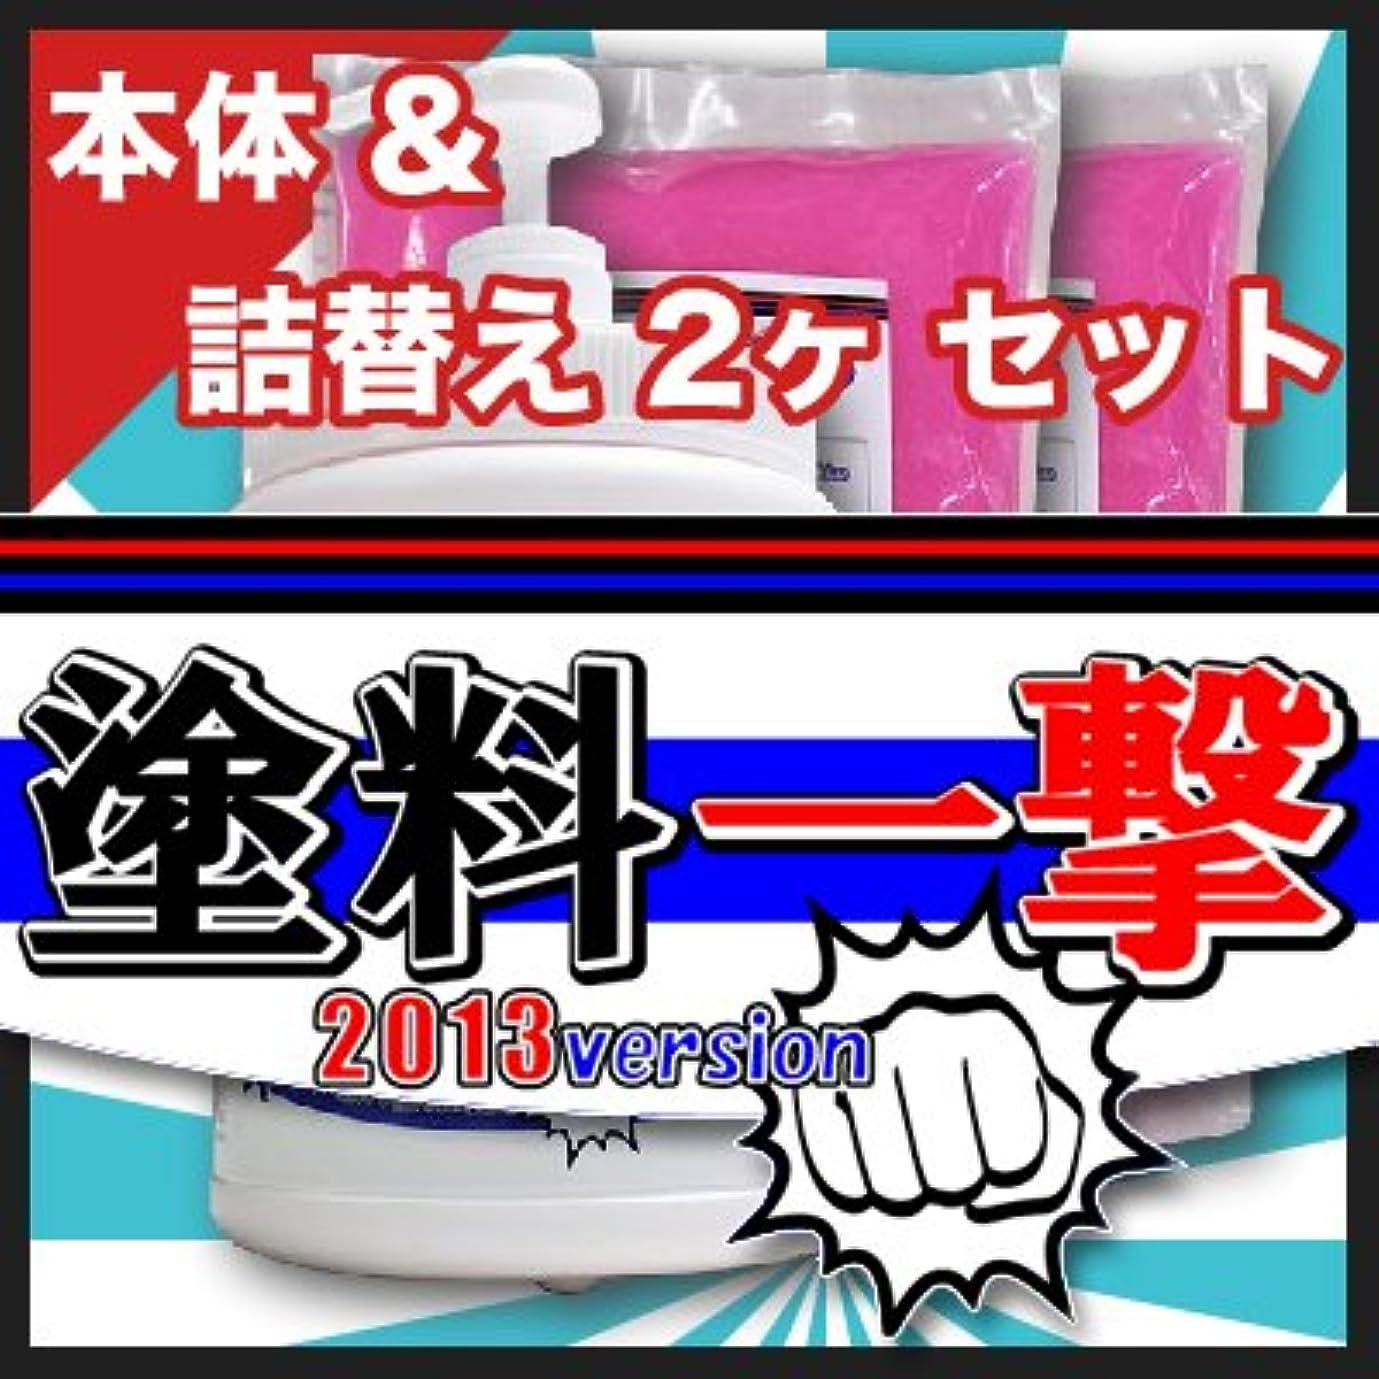 悪用吸収する国民D.Iプランニング 塗料一撃 2013 Version 本体 (1.5kg) & 詰替え (1.2kg x 2ヶ)